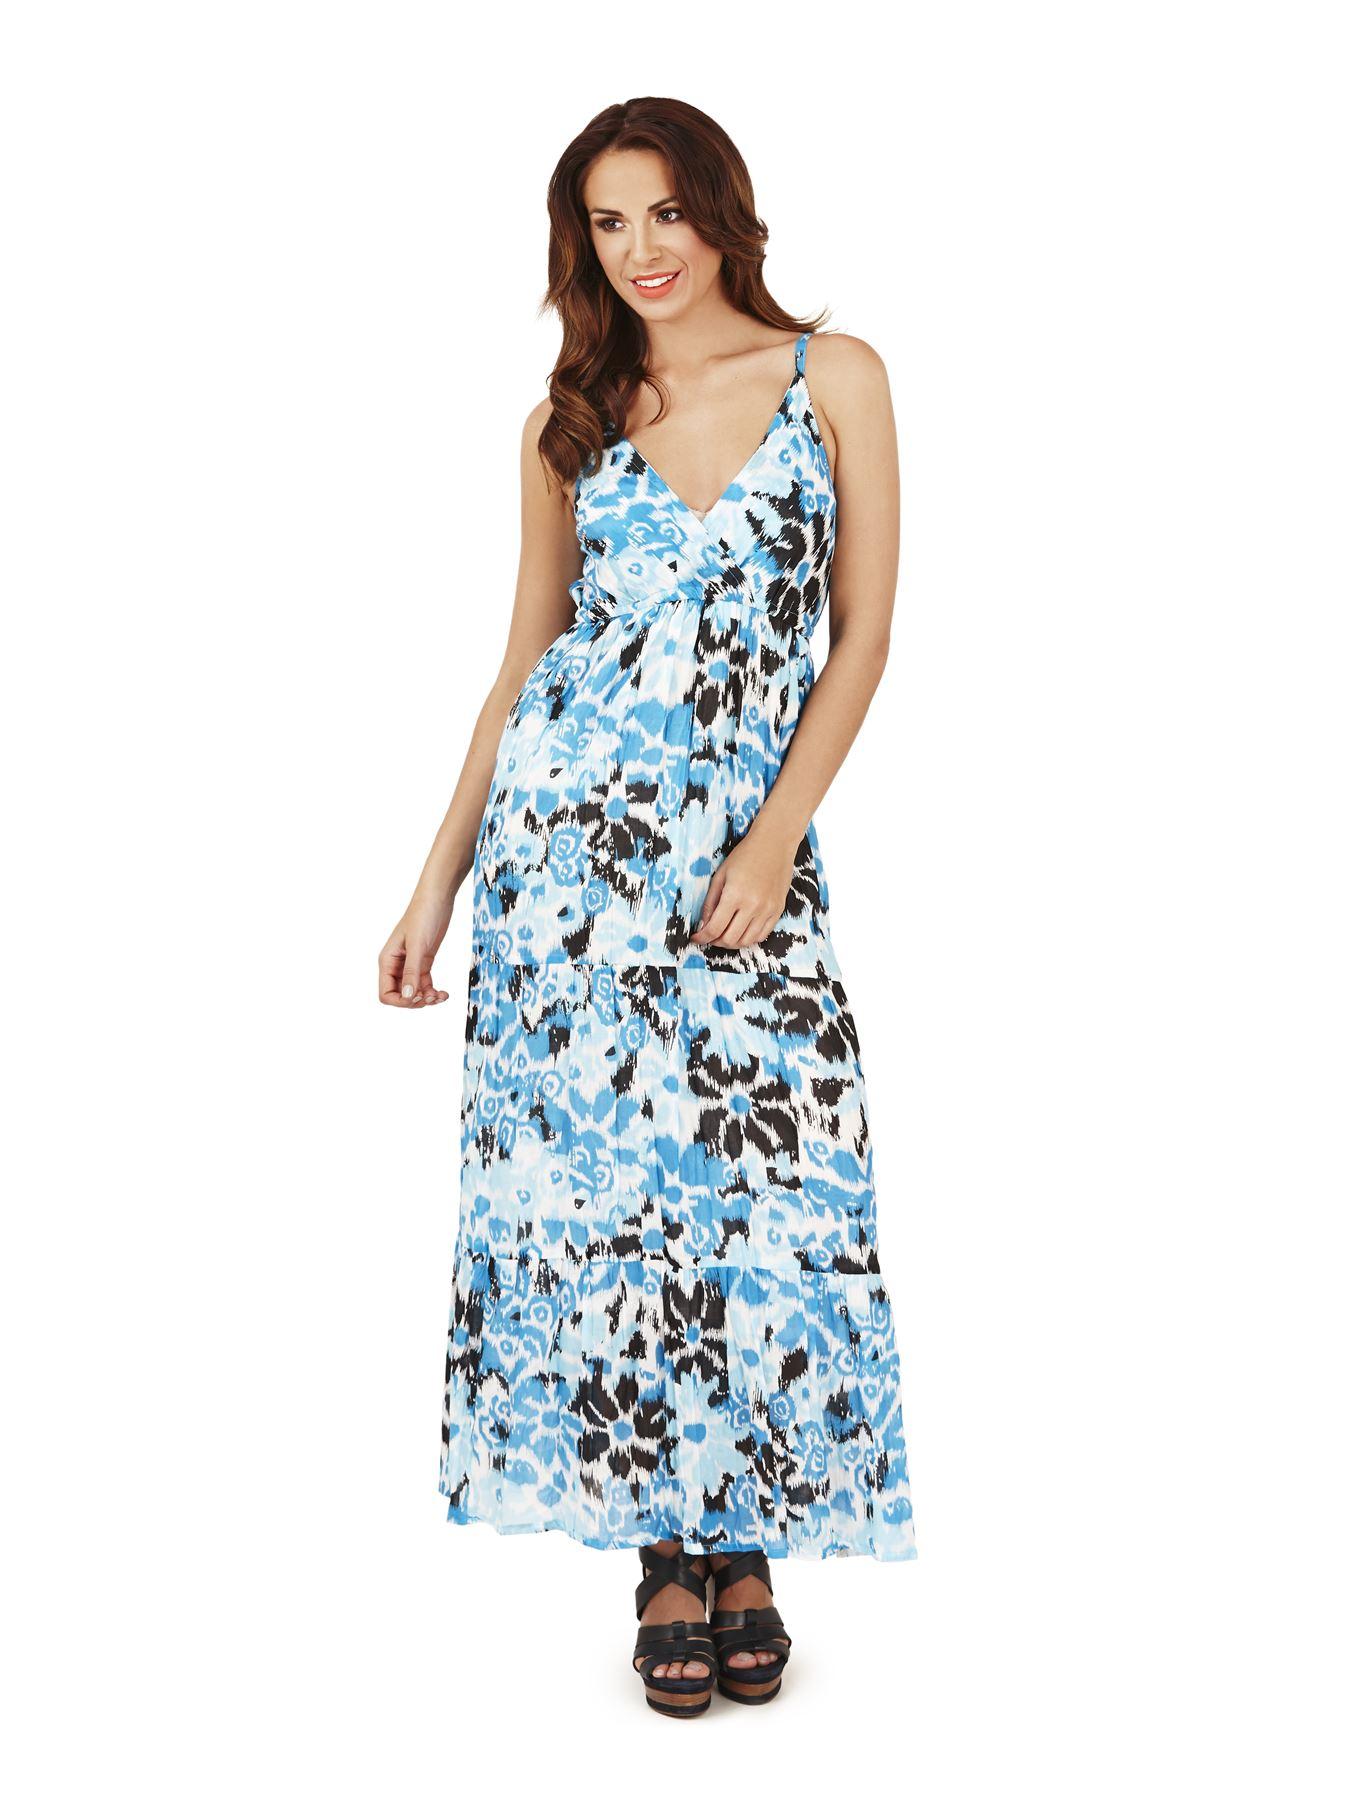 Martildo Womens Summer Beach Cotton Dress Straps Light ...